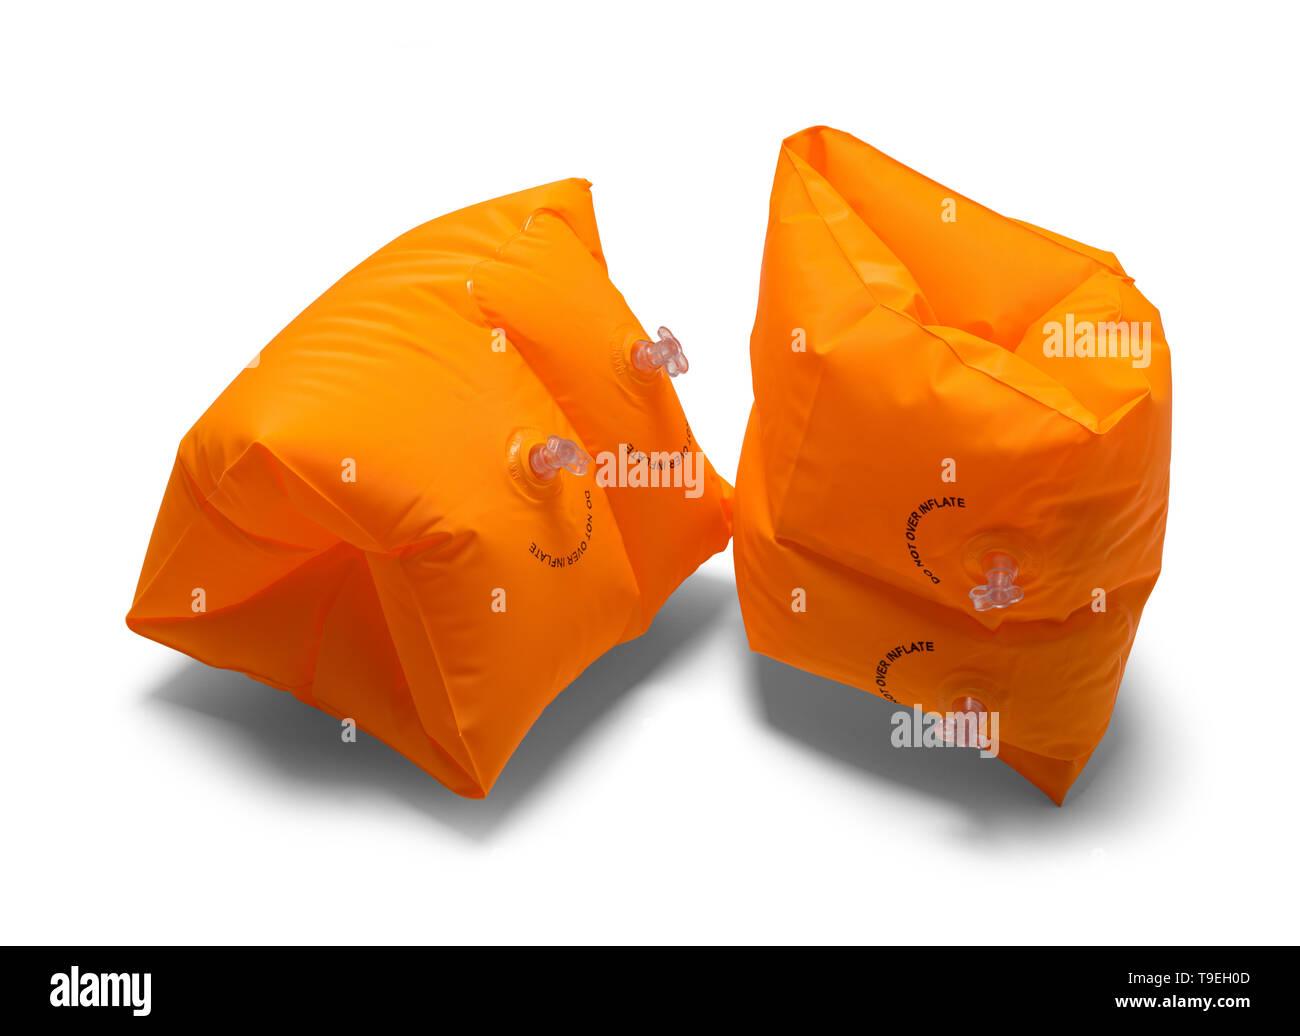 Two Orange Arm Swim Floats Isolated on White Background. Stock Photo